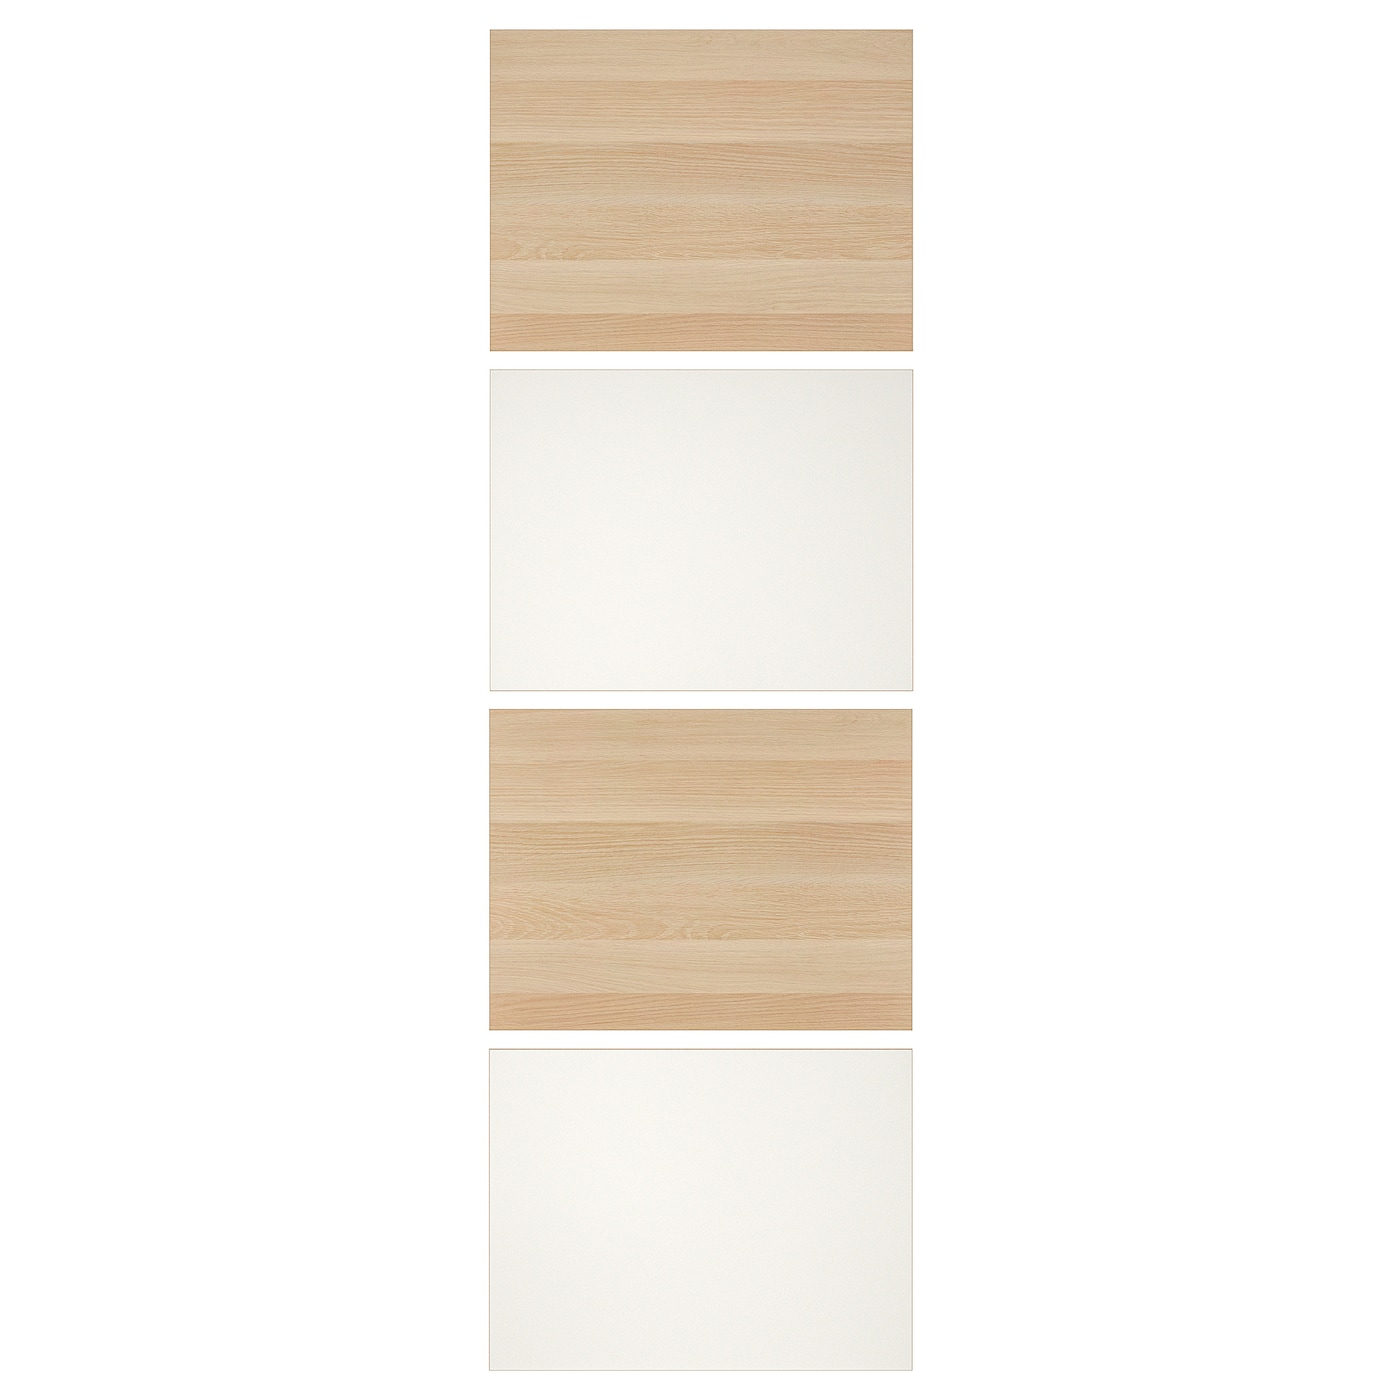 Mehamn White Stained Oak Effect White 4 Panels For Sliding Door Frame 75x236 Cm Ikea